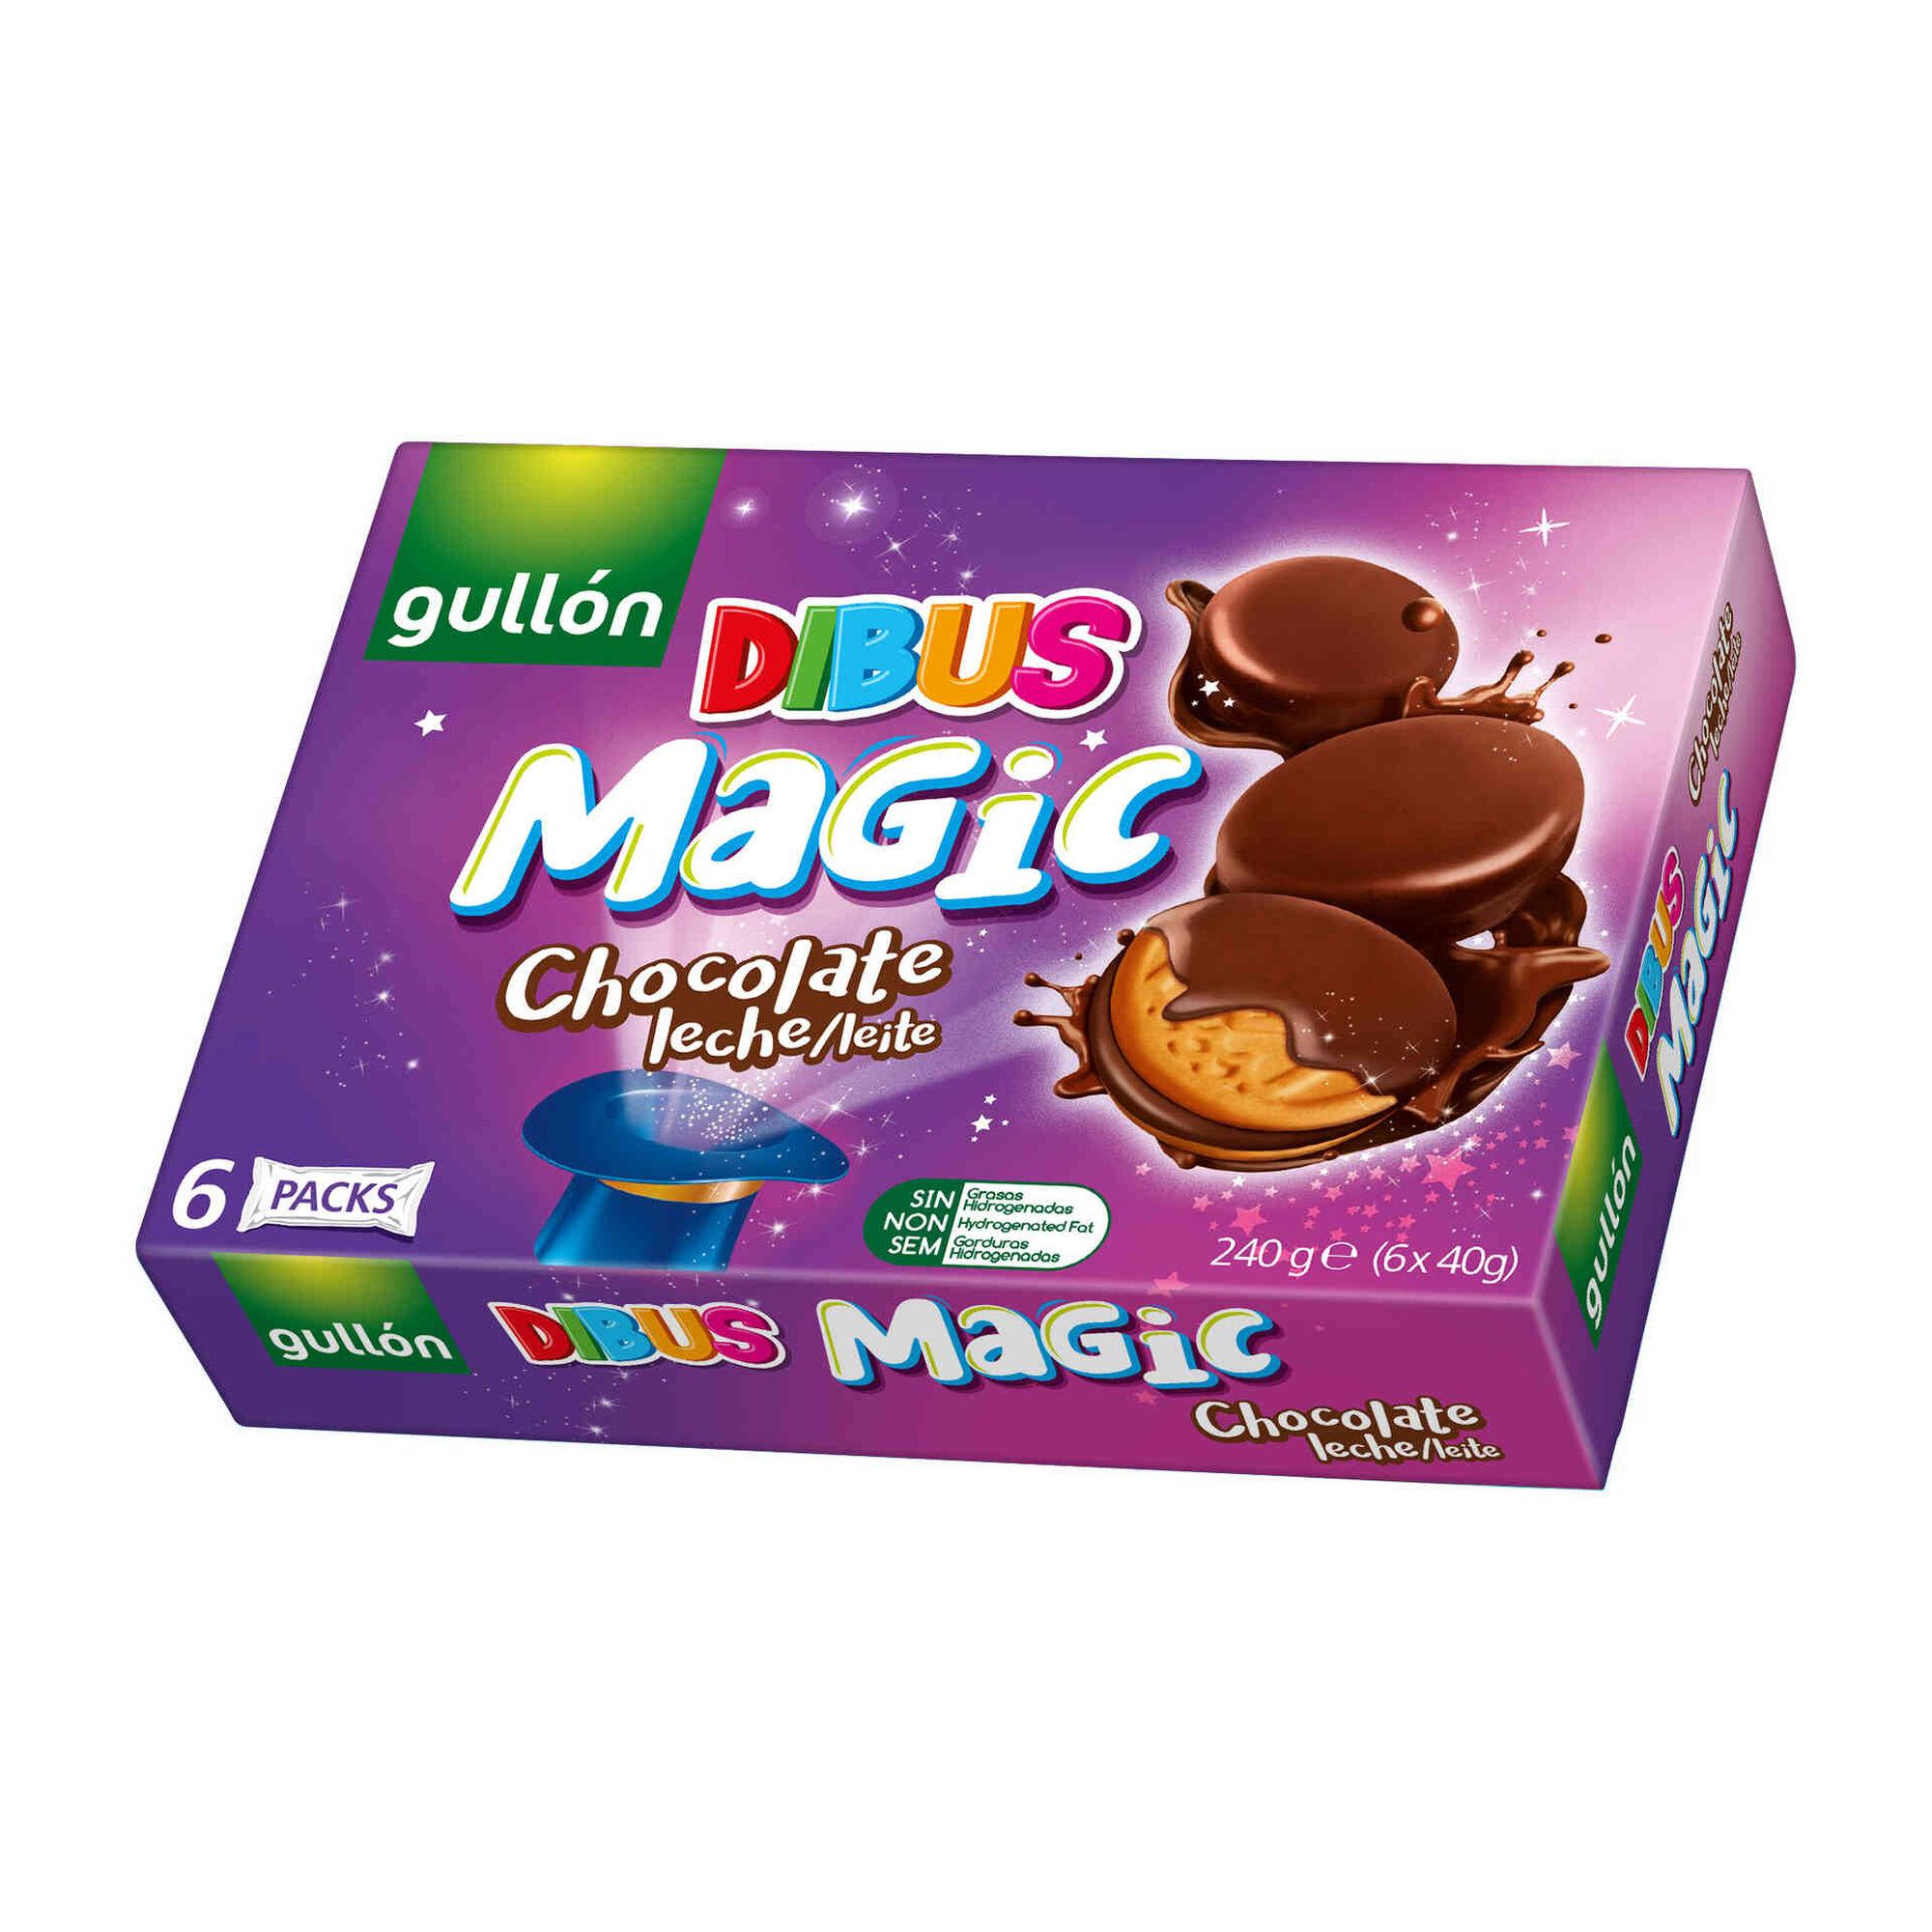 Bolachas Dibus Magic Cobertas com Chocolate de Leite